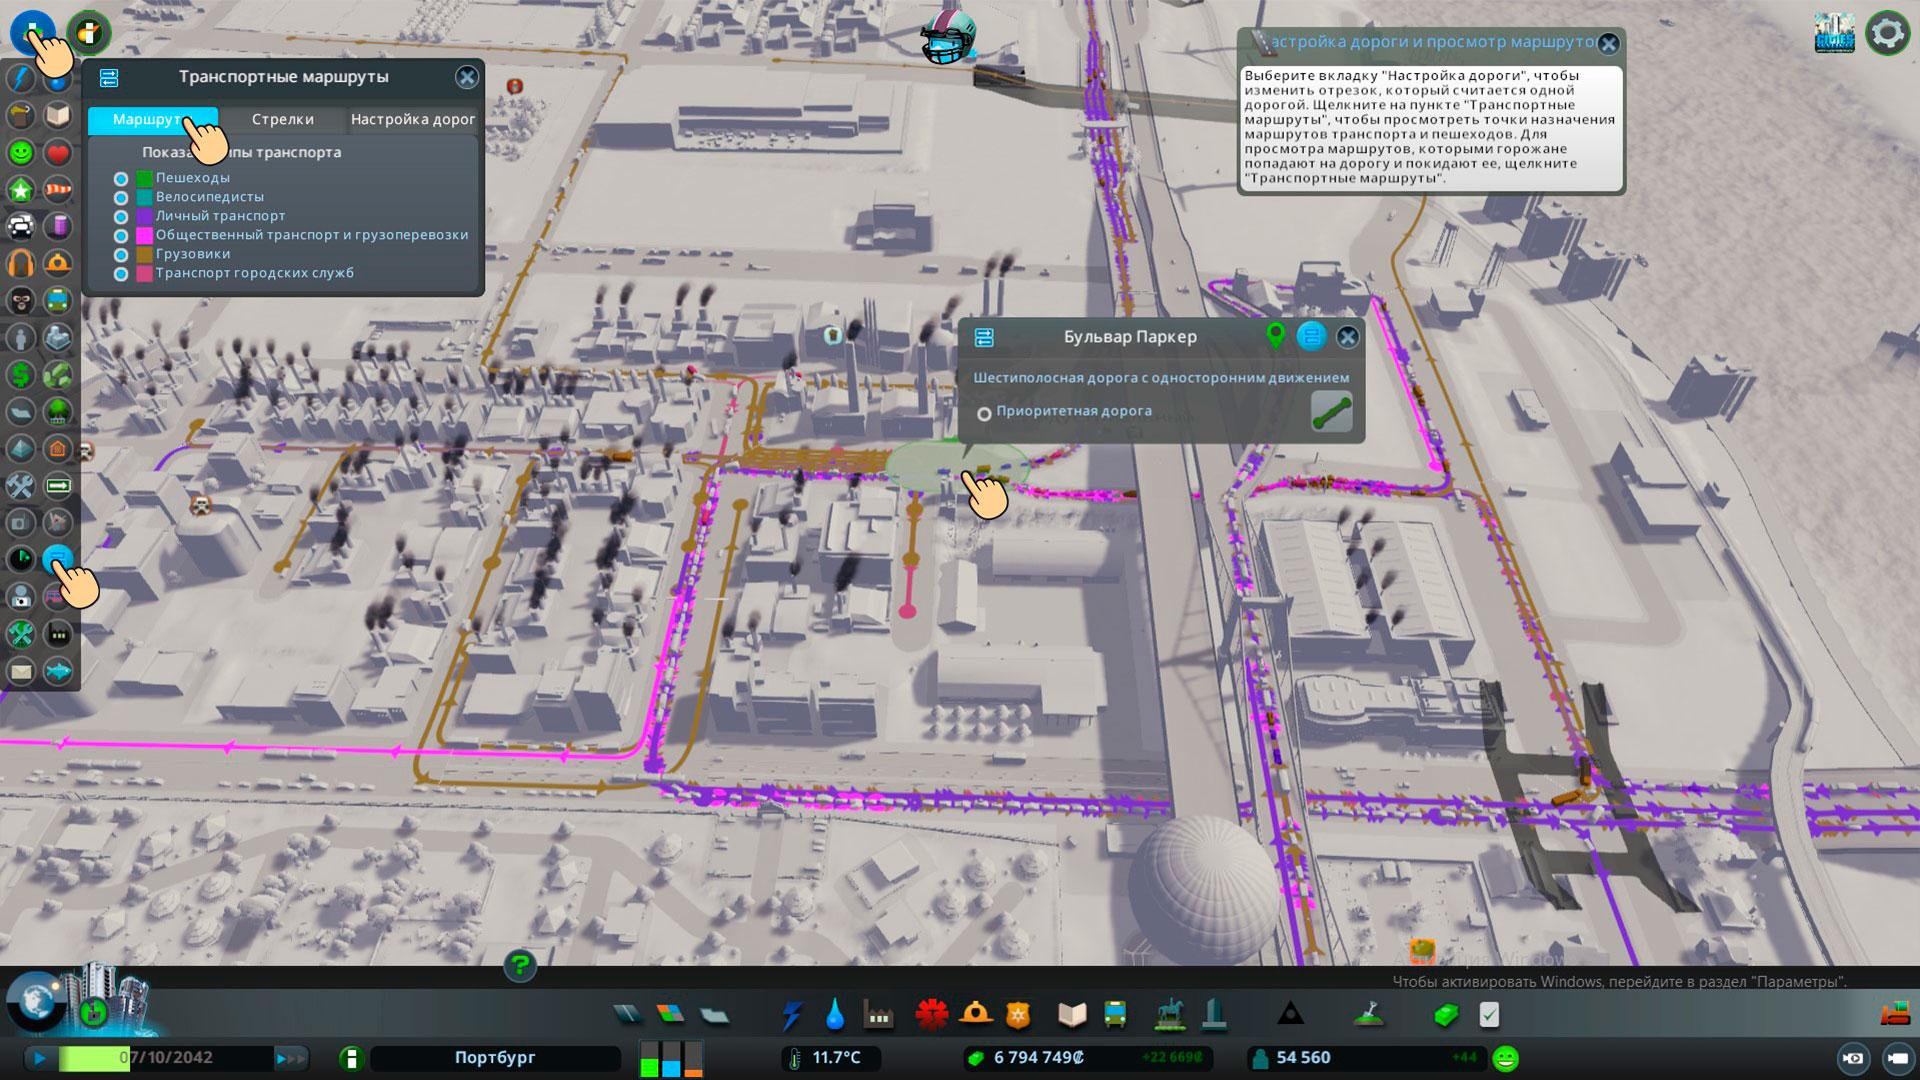 Транспортные обзоры cities skyline